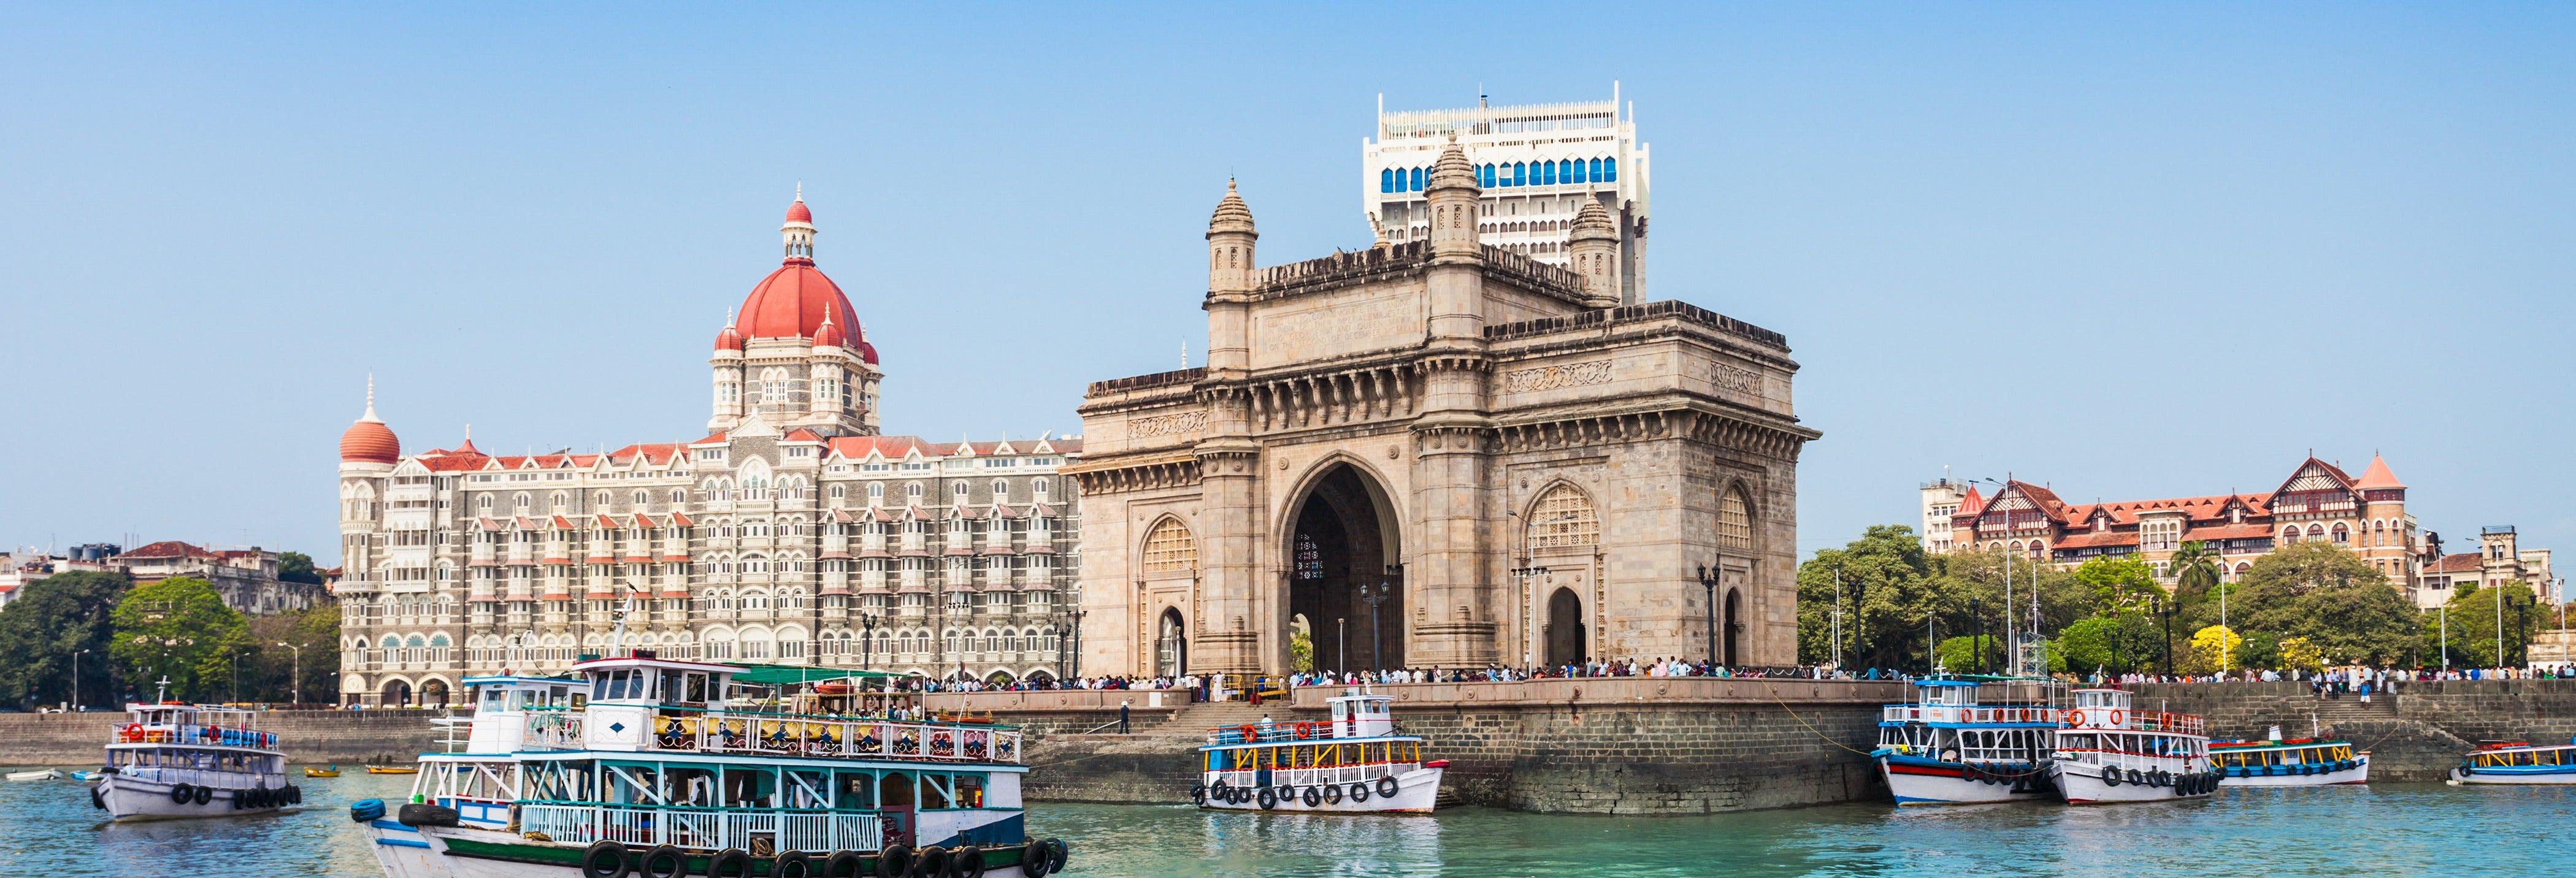 Visita guiada por Mumbai